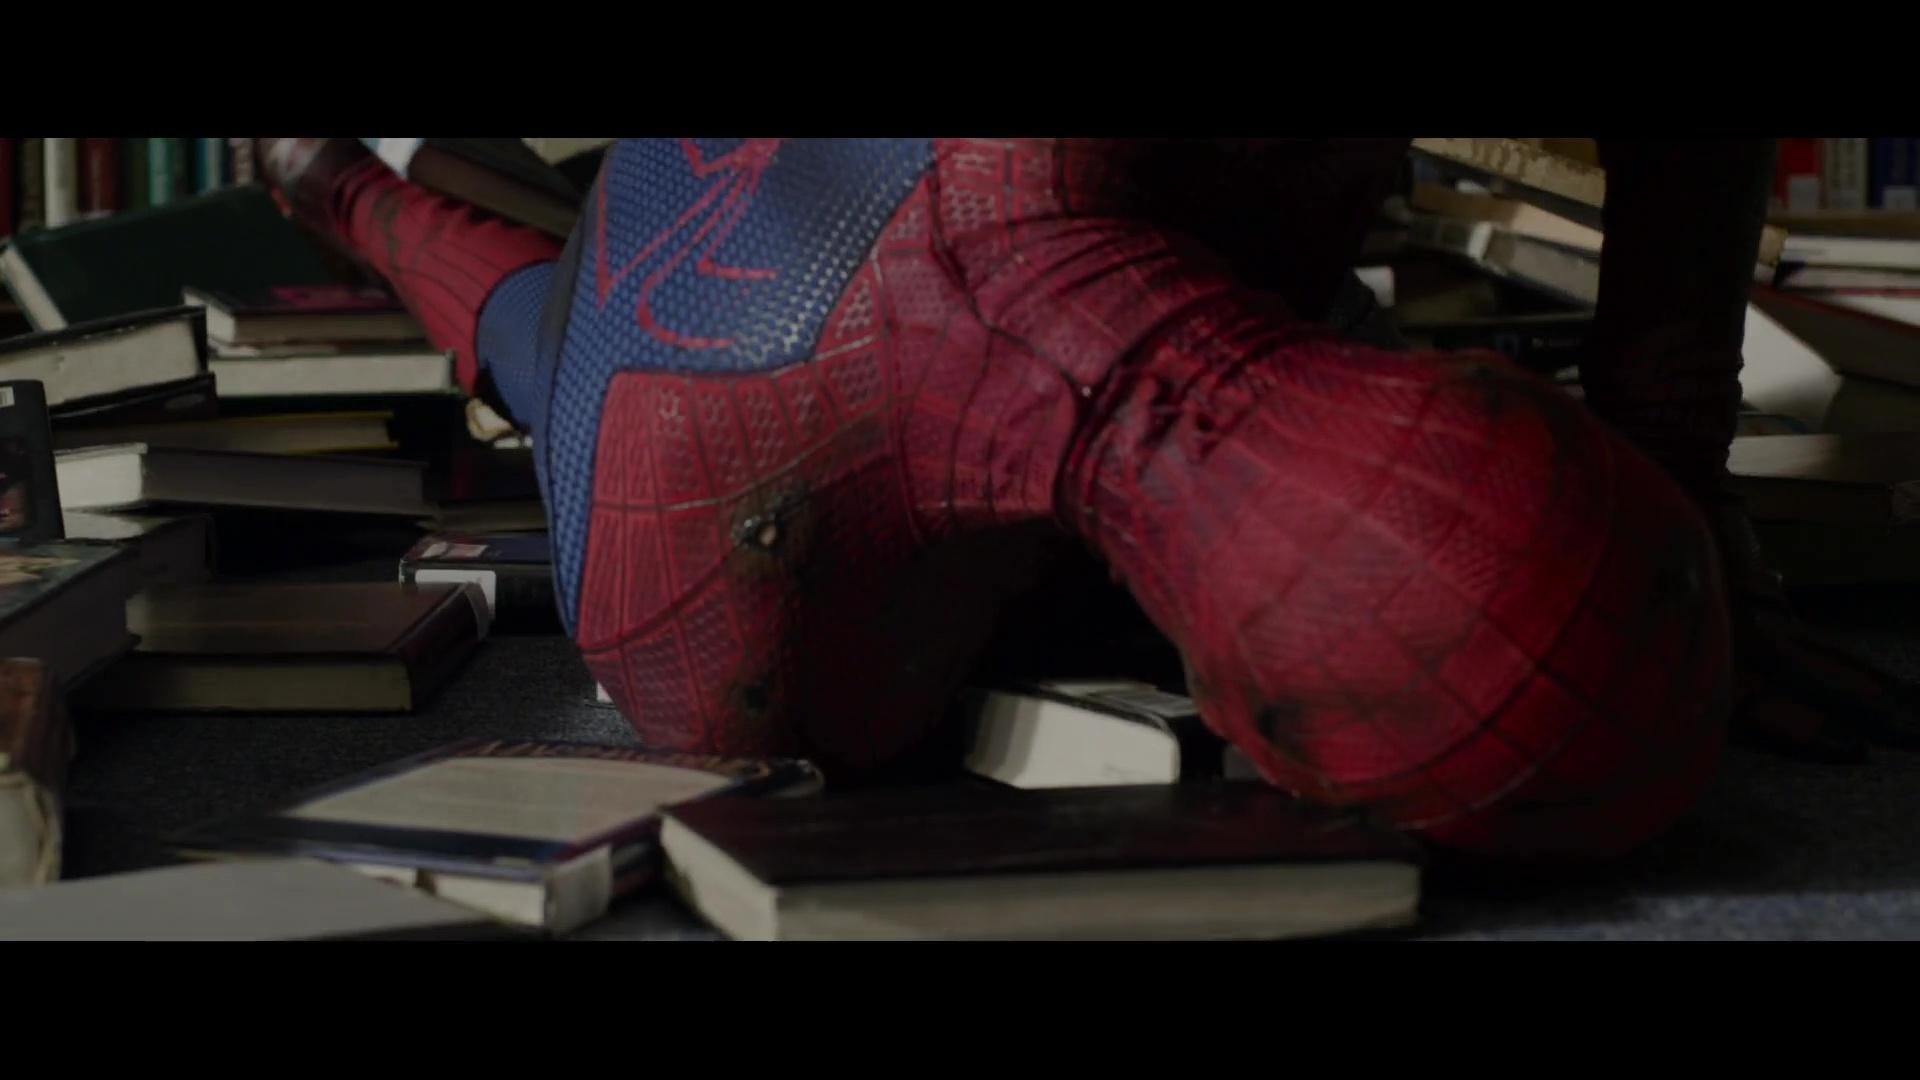 El Sorprendente Hombre Araña 1080p Lat-Cast-Ing 5.1 (2012)